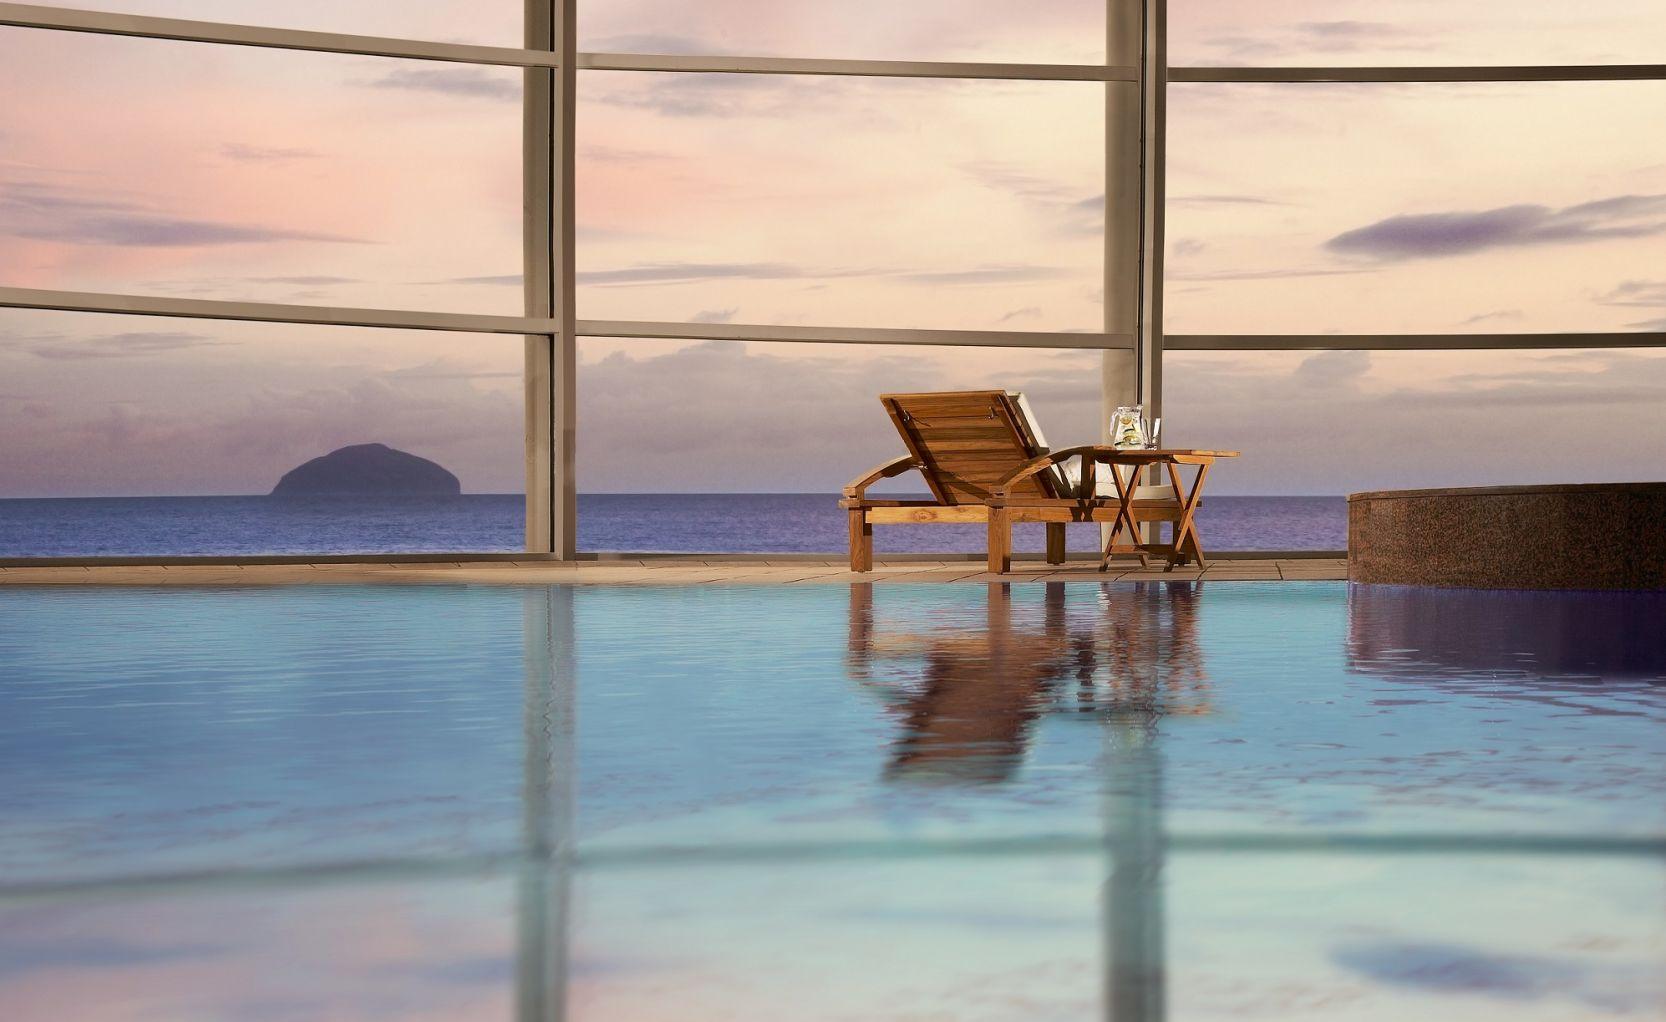 Trump turnberry pool overlooking ocean